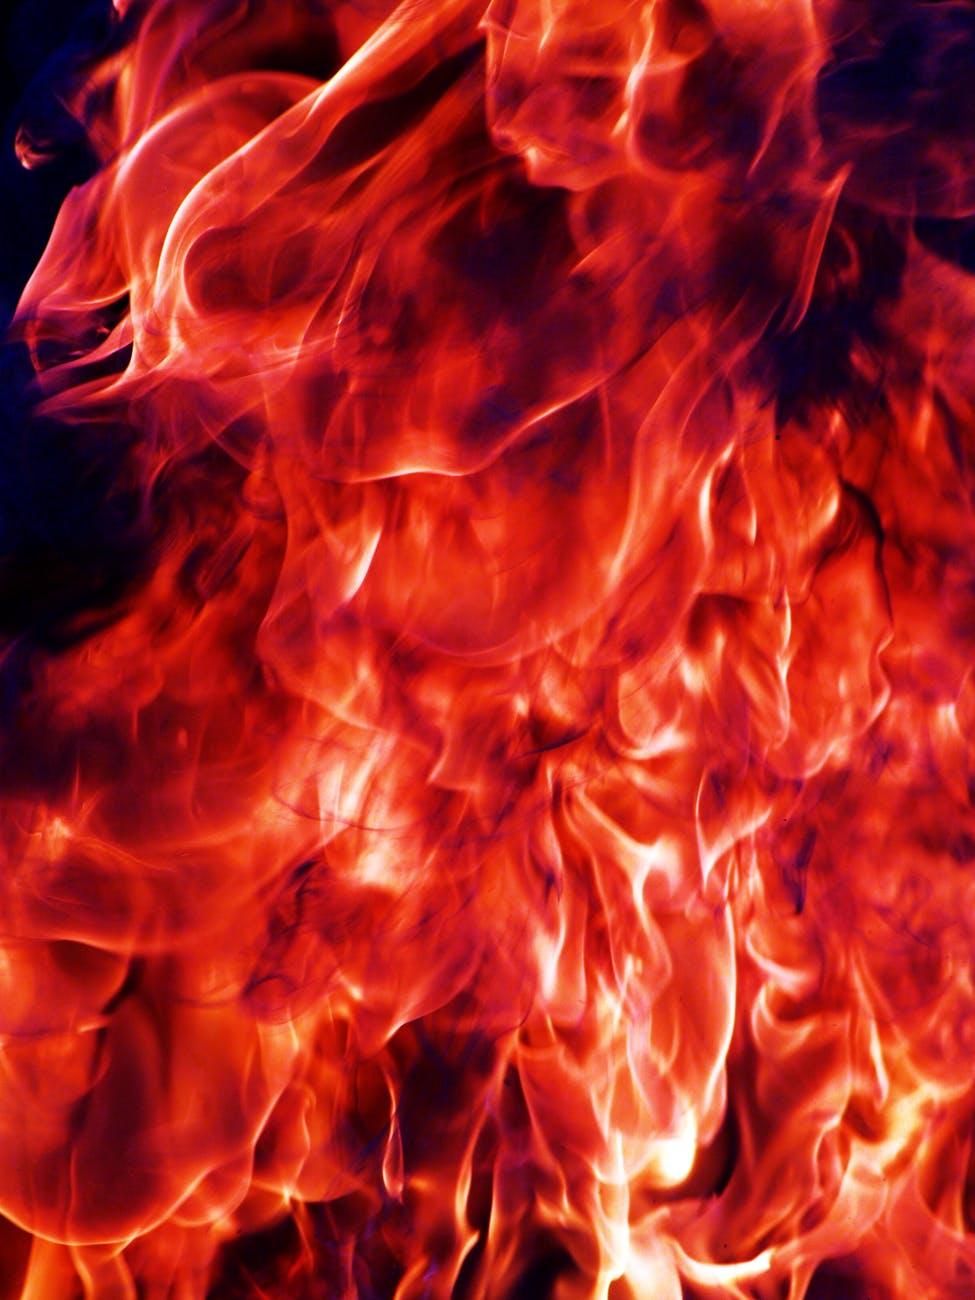 fire flame heat hot